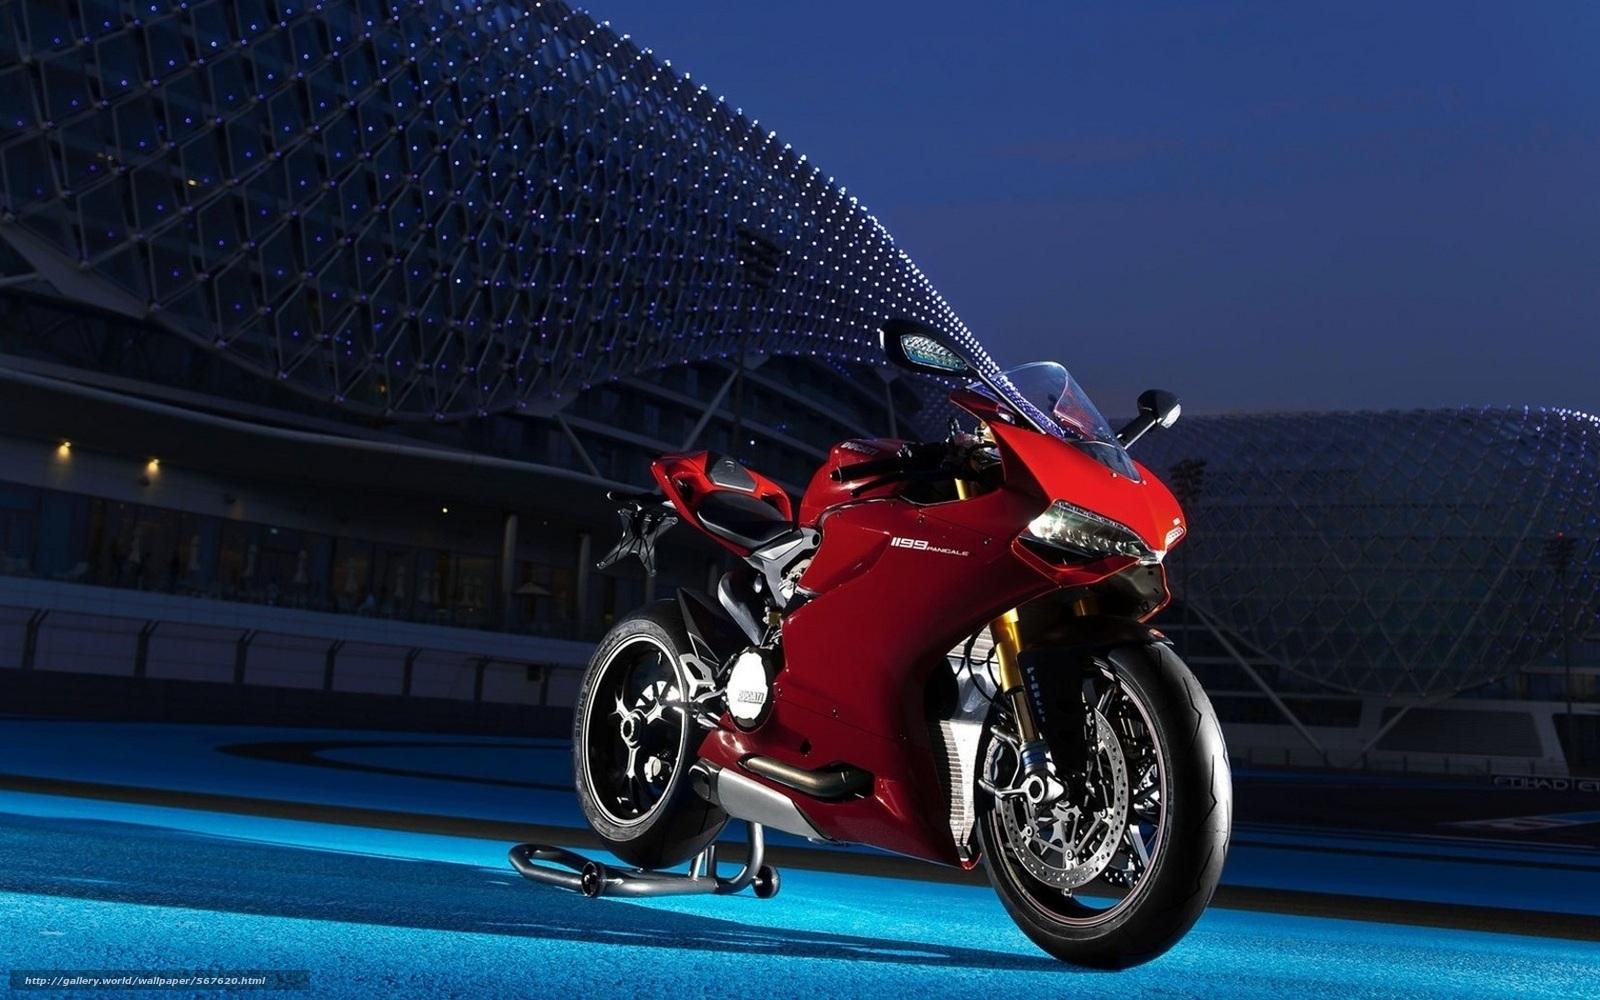 pobra tapety Ducatti,  czerwony,  noc,  Moto Darmowe tapety na pulpit rozdzielczoci 1680x1050 — zdjcie №567620